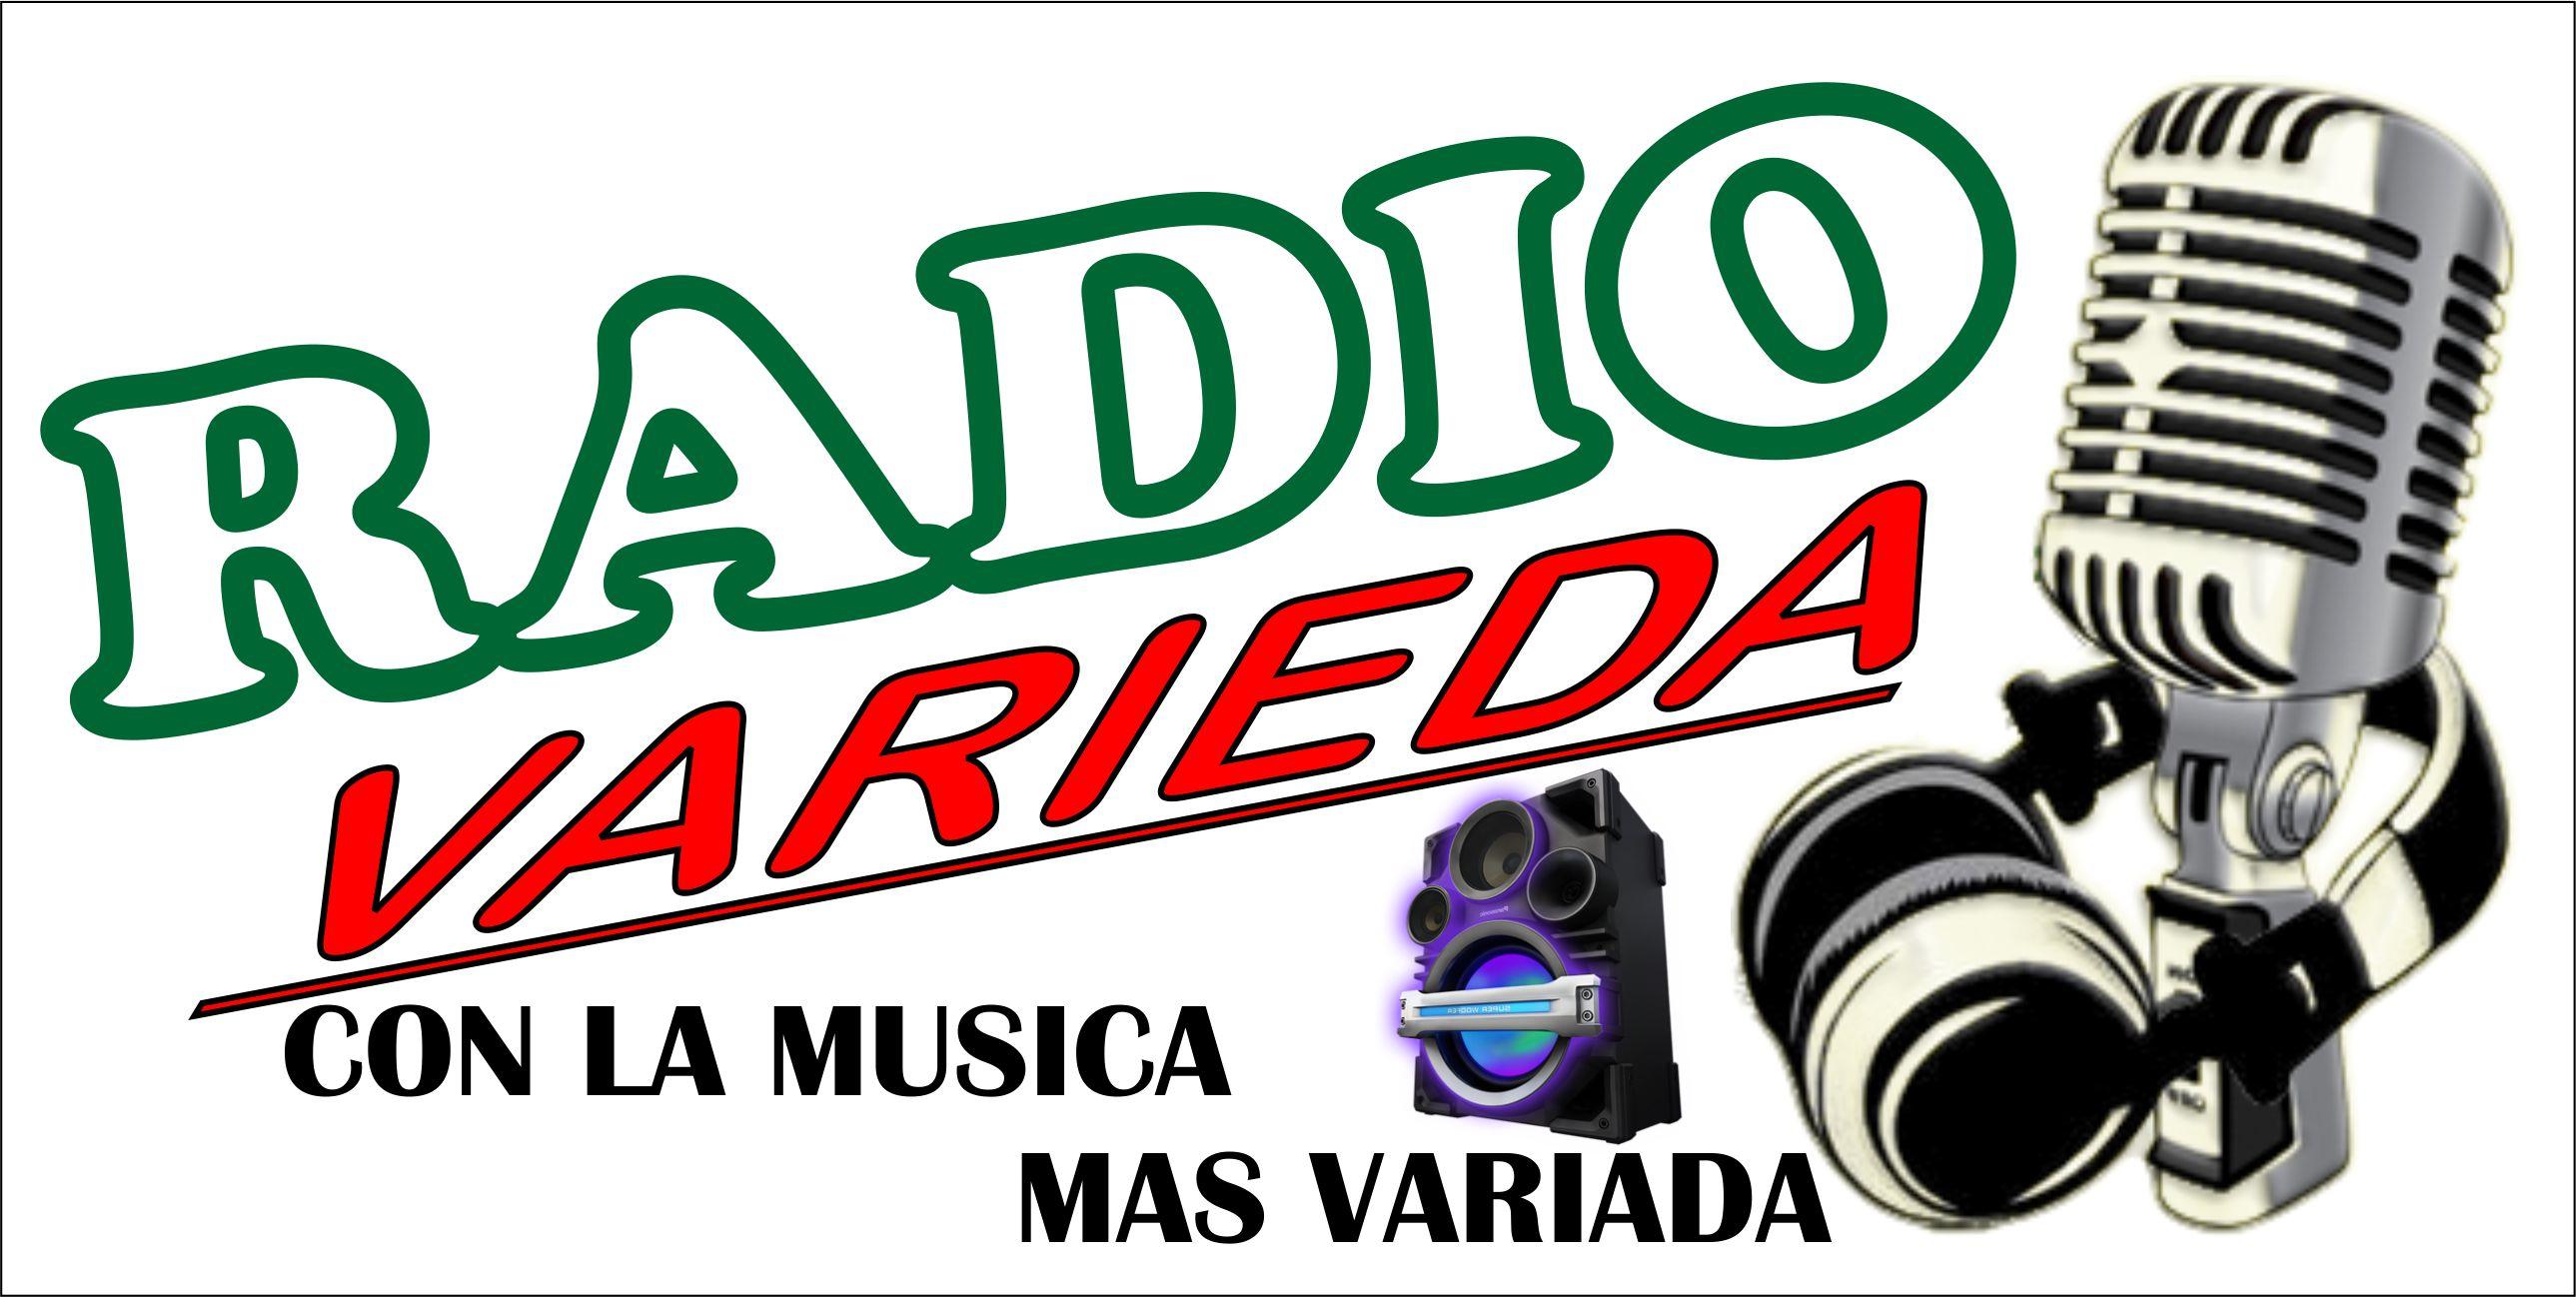 RADIO VARIEDA 2